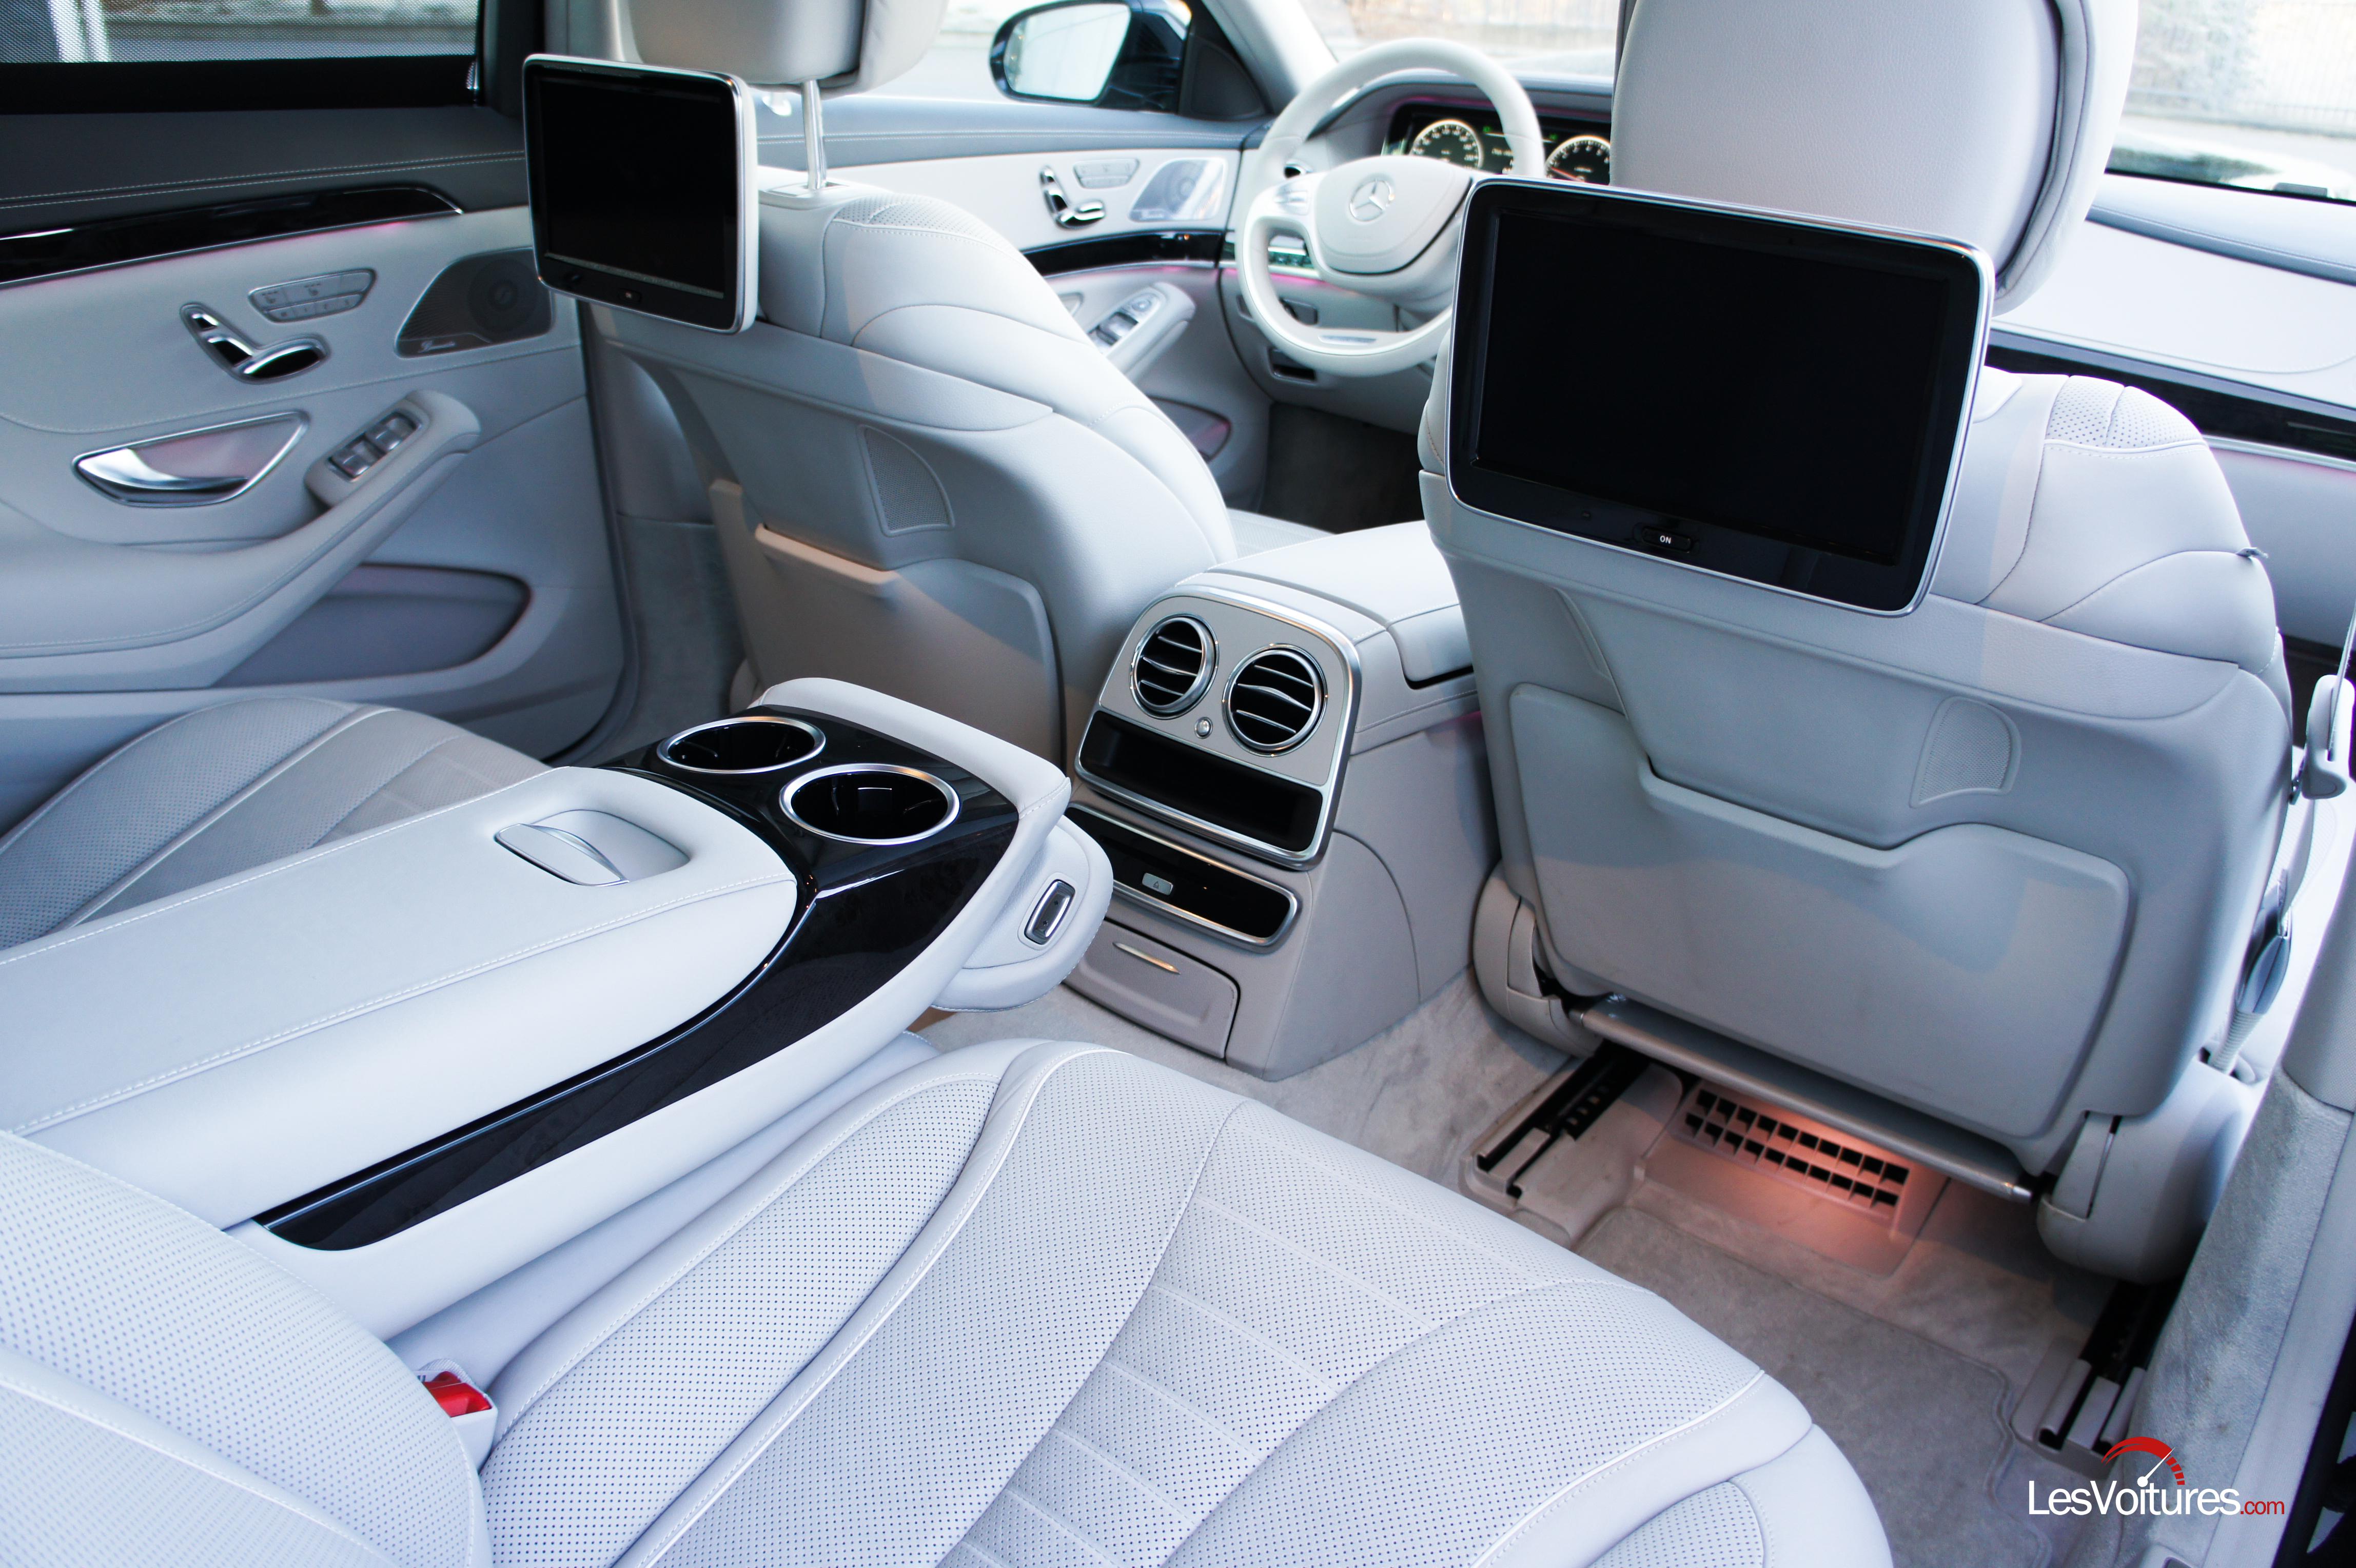 mercedes benz s 400 hybrid la limousine classe business l 39 essai les voitures. Black Bedroom Furniture Sets. Home Design Ideas